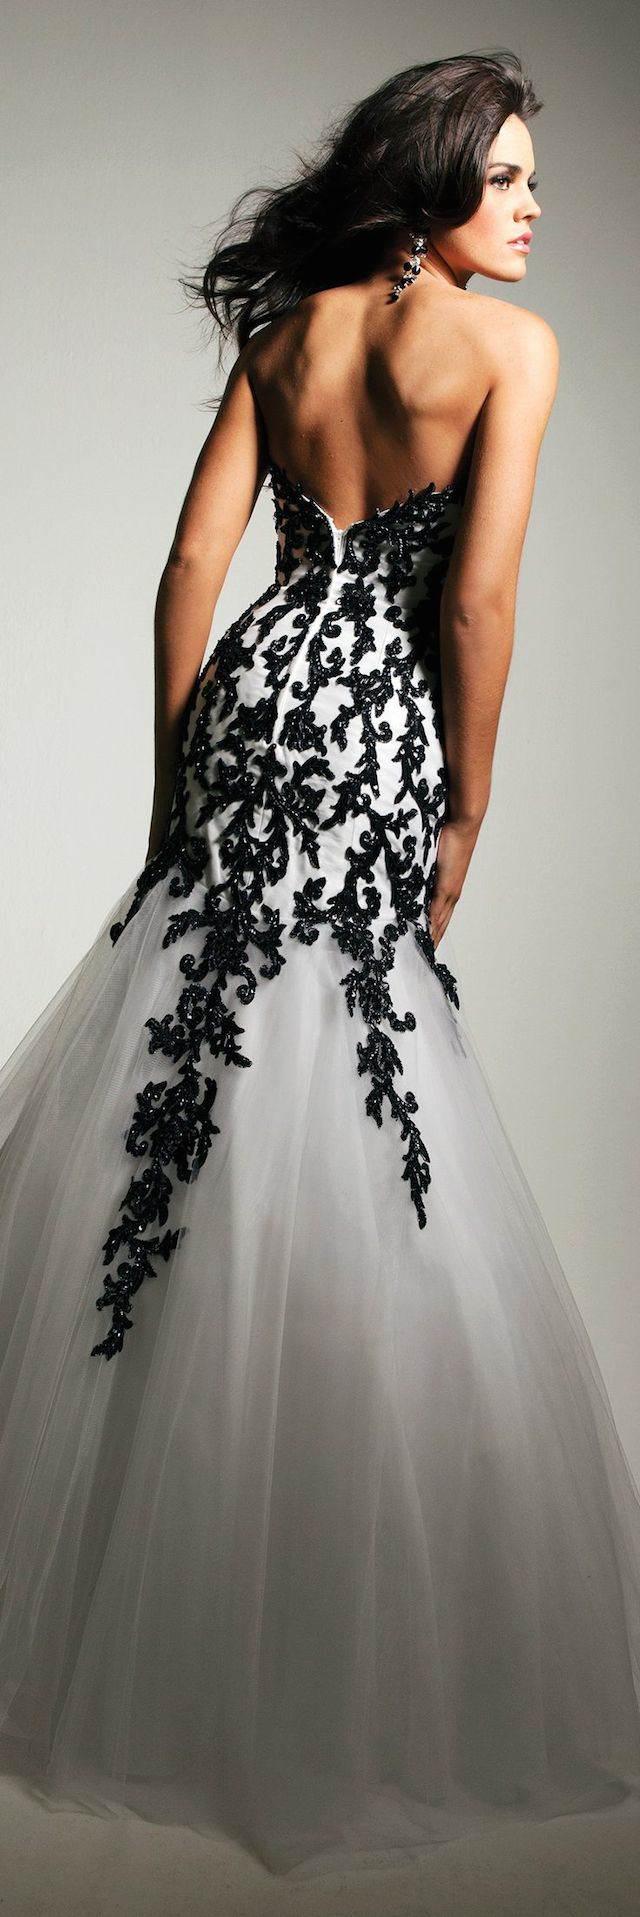 vestido de novia estilo navideño tradicional blanco negro